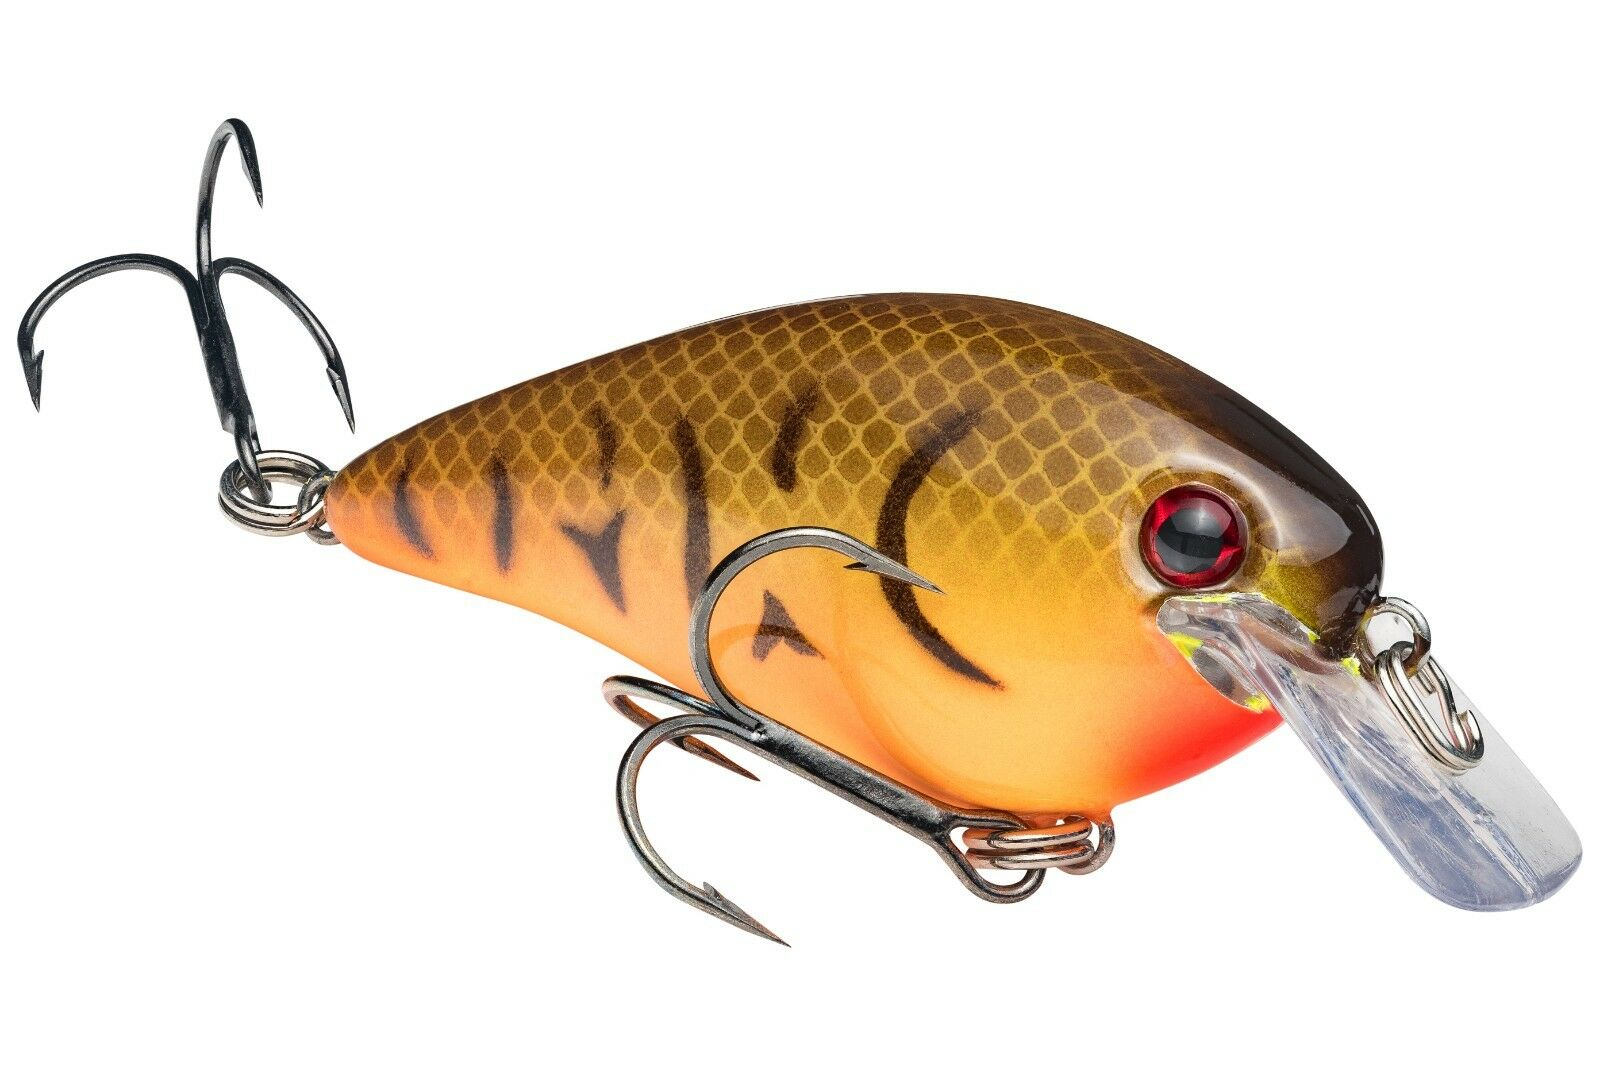 Strike King Crankbait SquareBill HCKVDS1.5-706 Wicked Black Fishing Lure